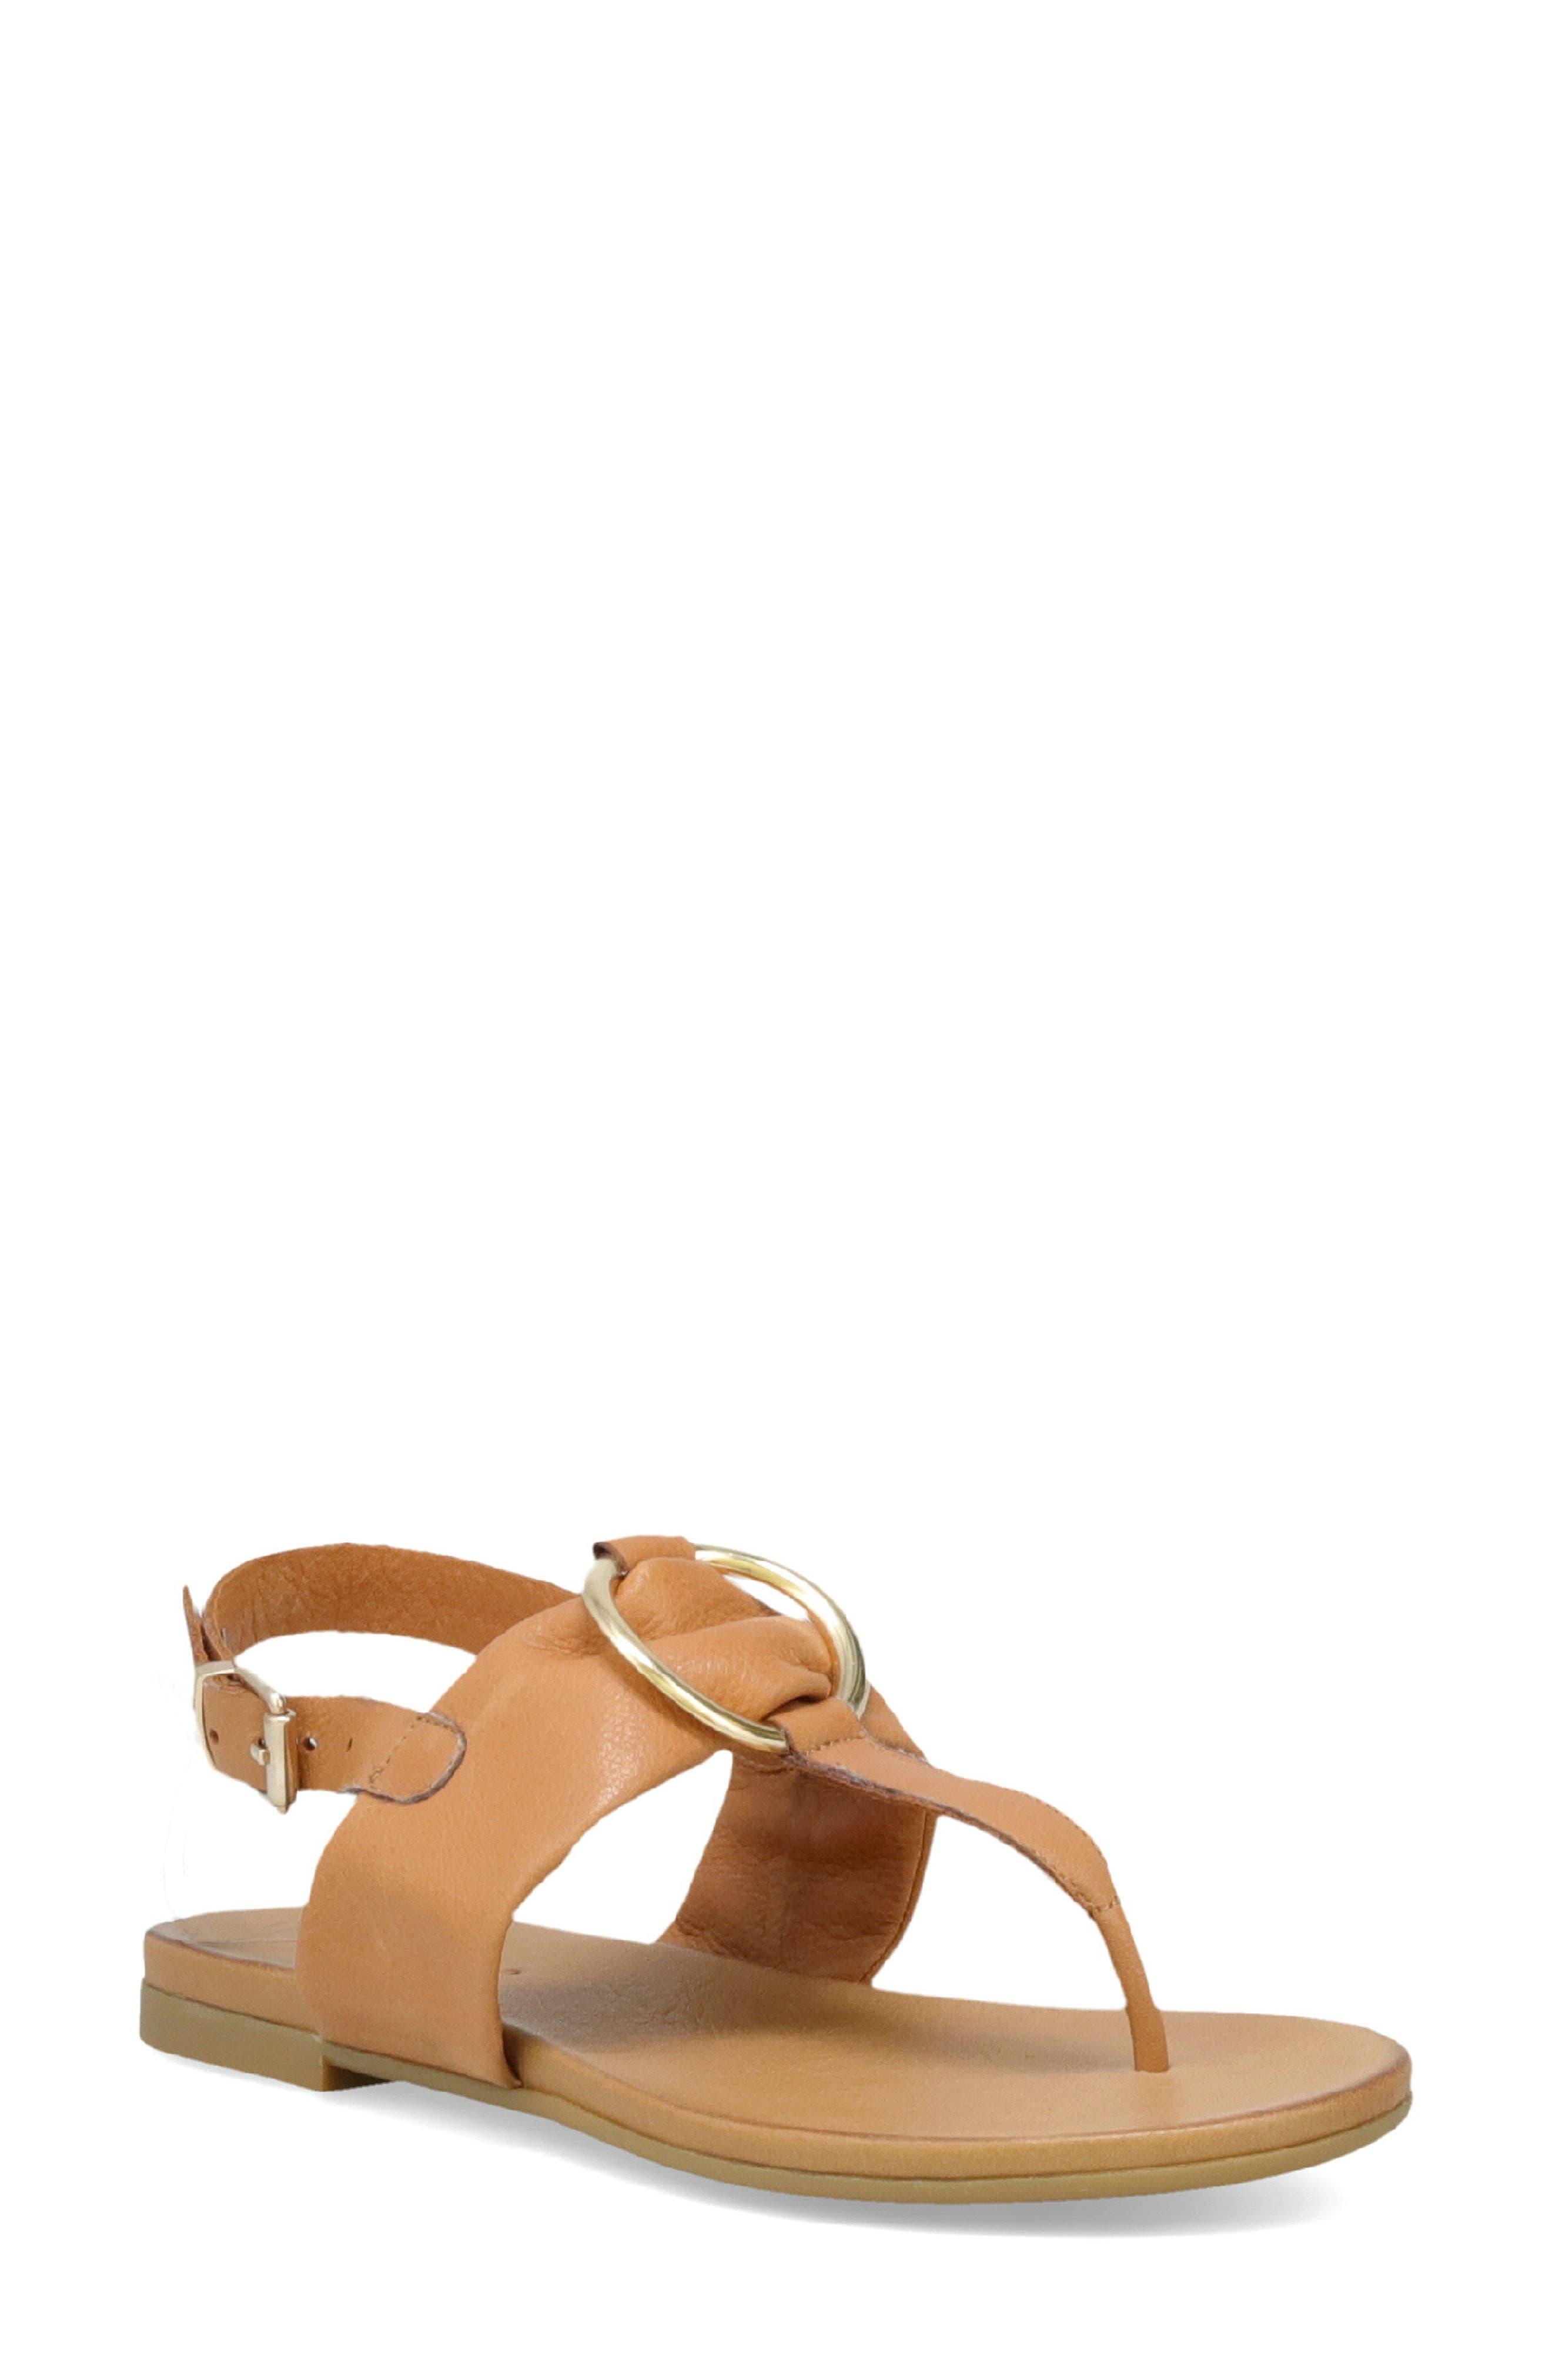 Odis T-Strap Sandal